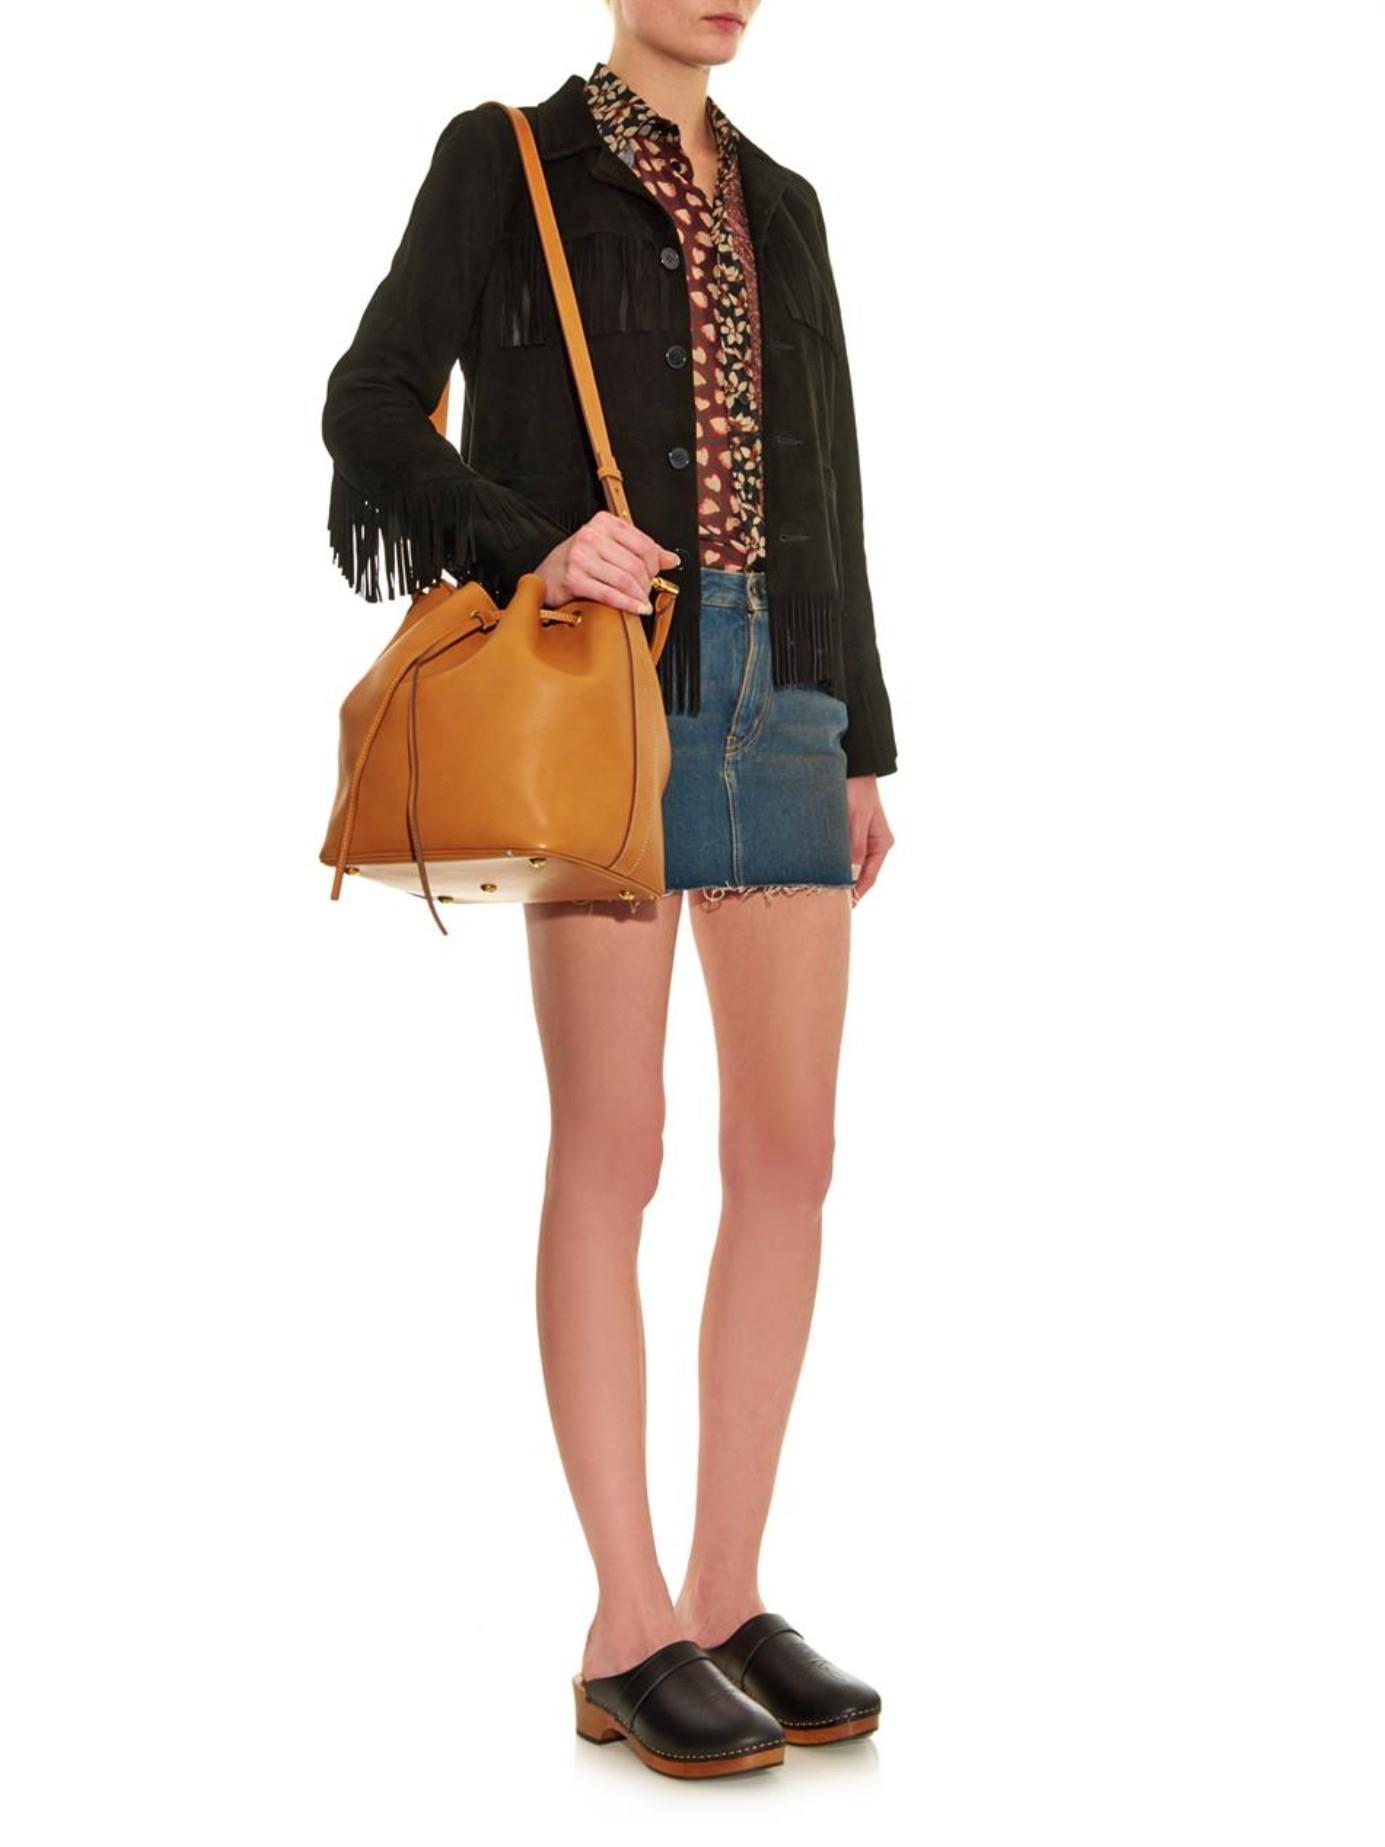 view for sale Saint Laurent Sabot Studded Clogs sale collections cheap sale fashionable CeUDLcs